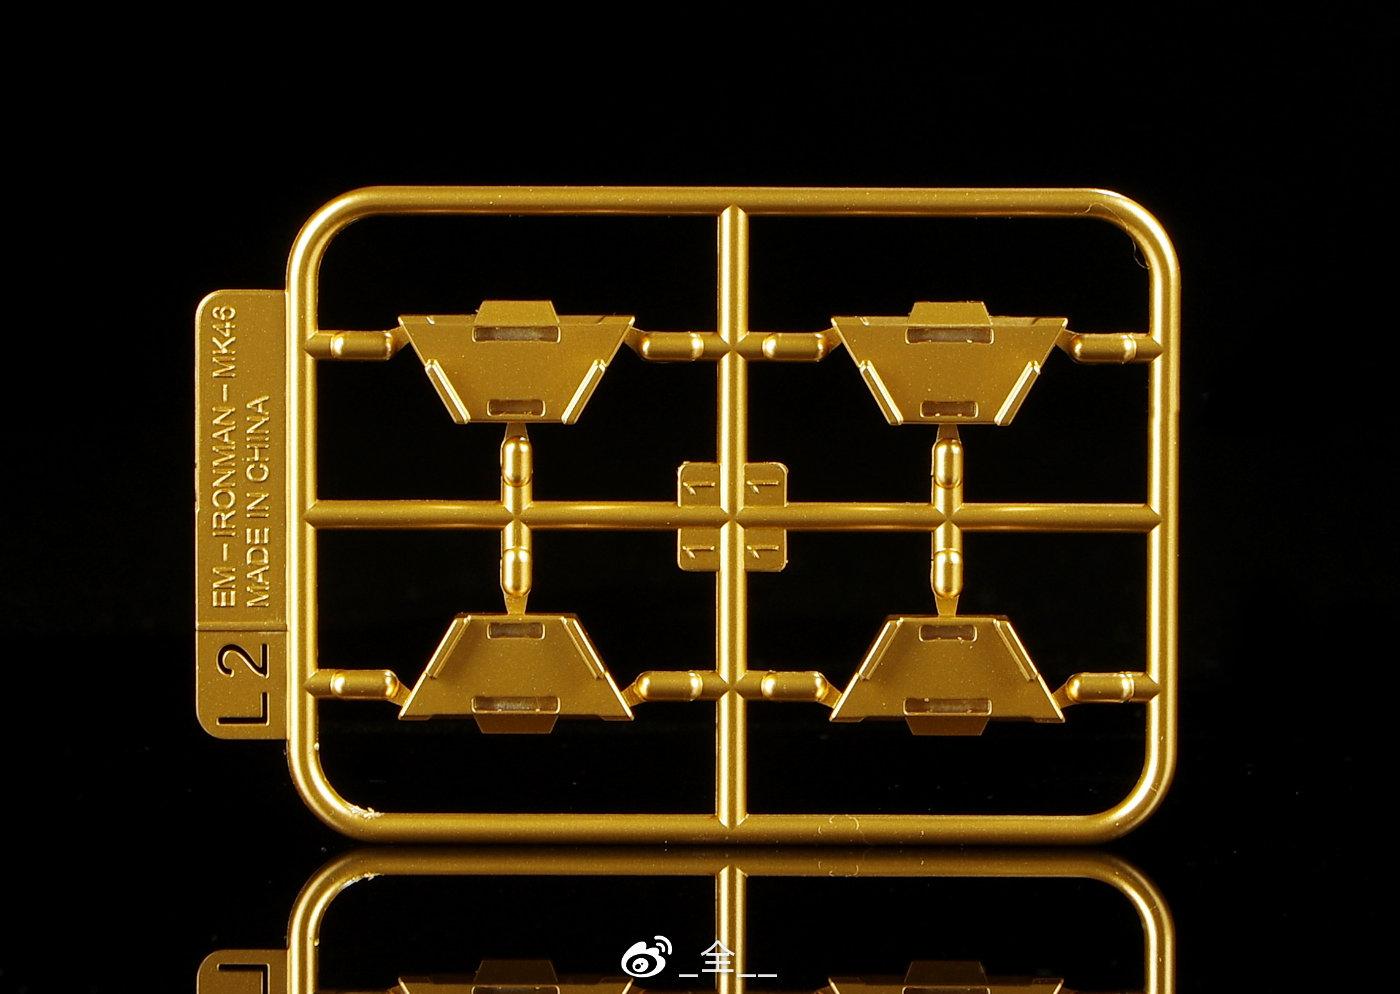 S509_E_Model_MK46_0328_015.jpg